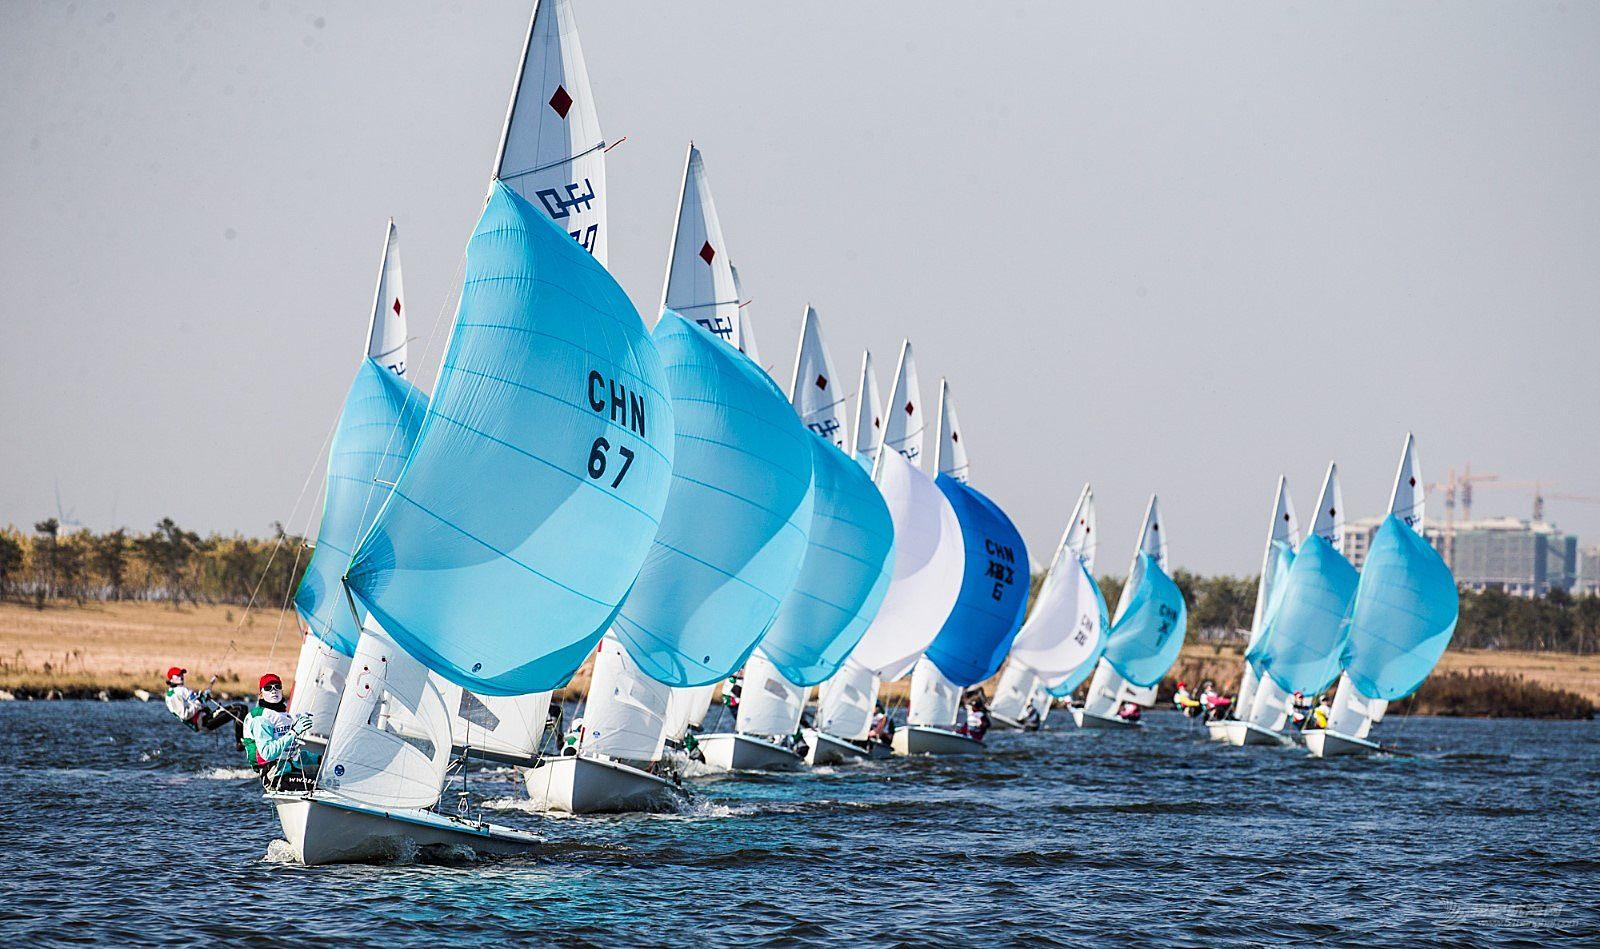 开赛二日战况升级 帆船明星尽展风采